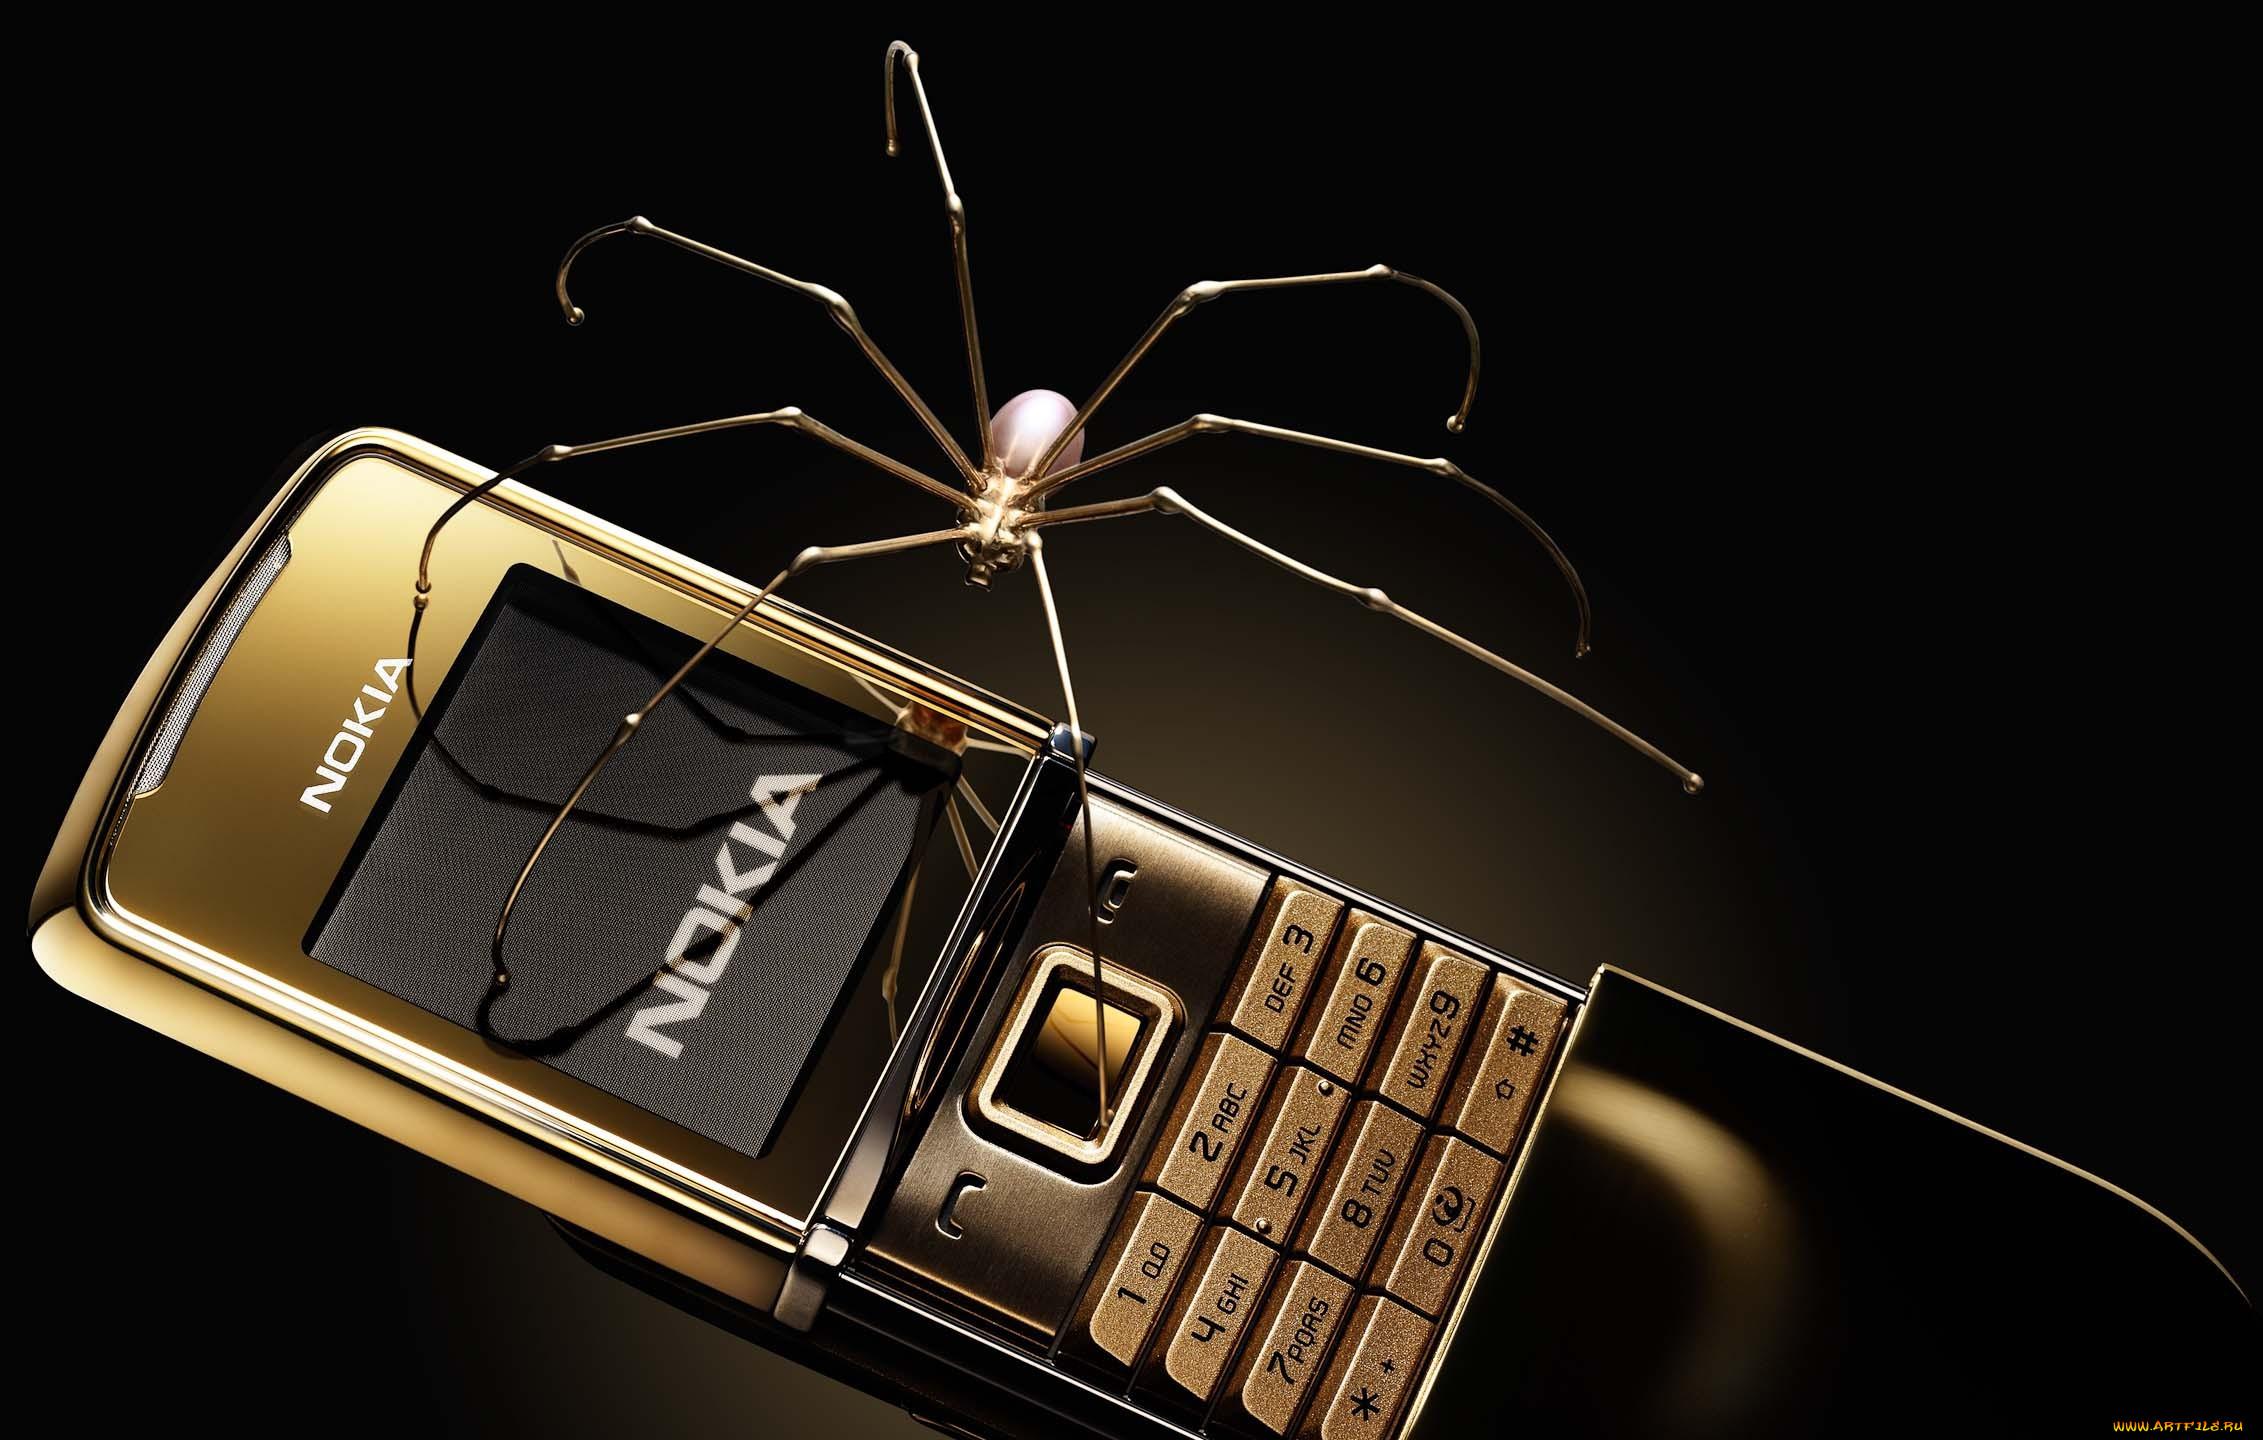 частности, картинки бренды на сотовый телефон нашей